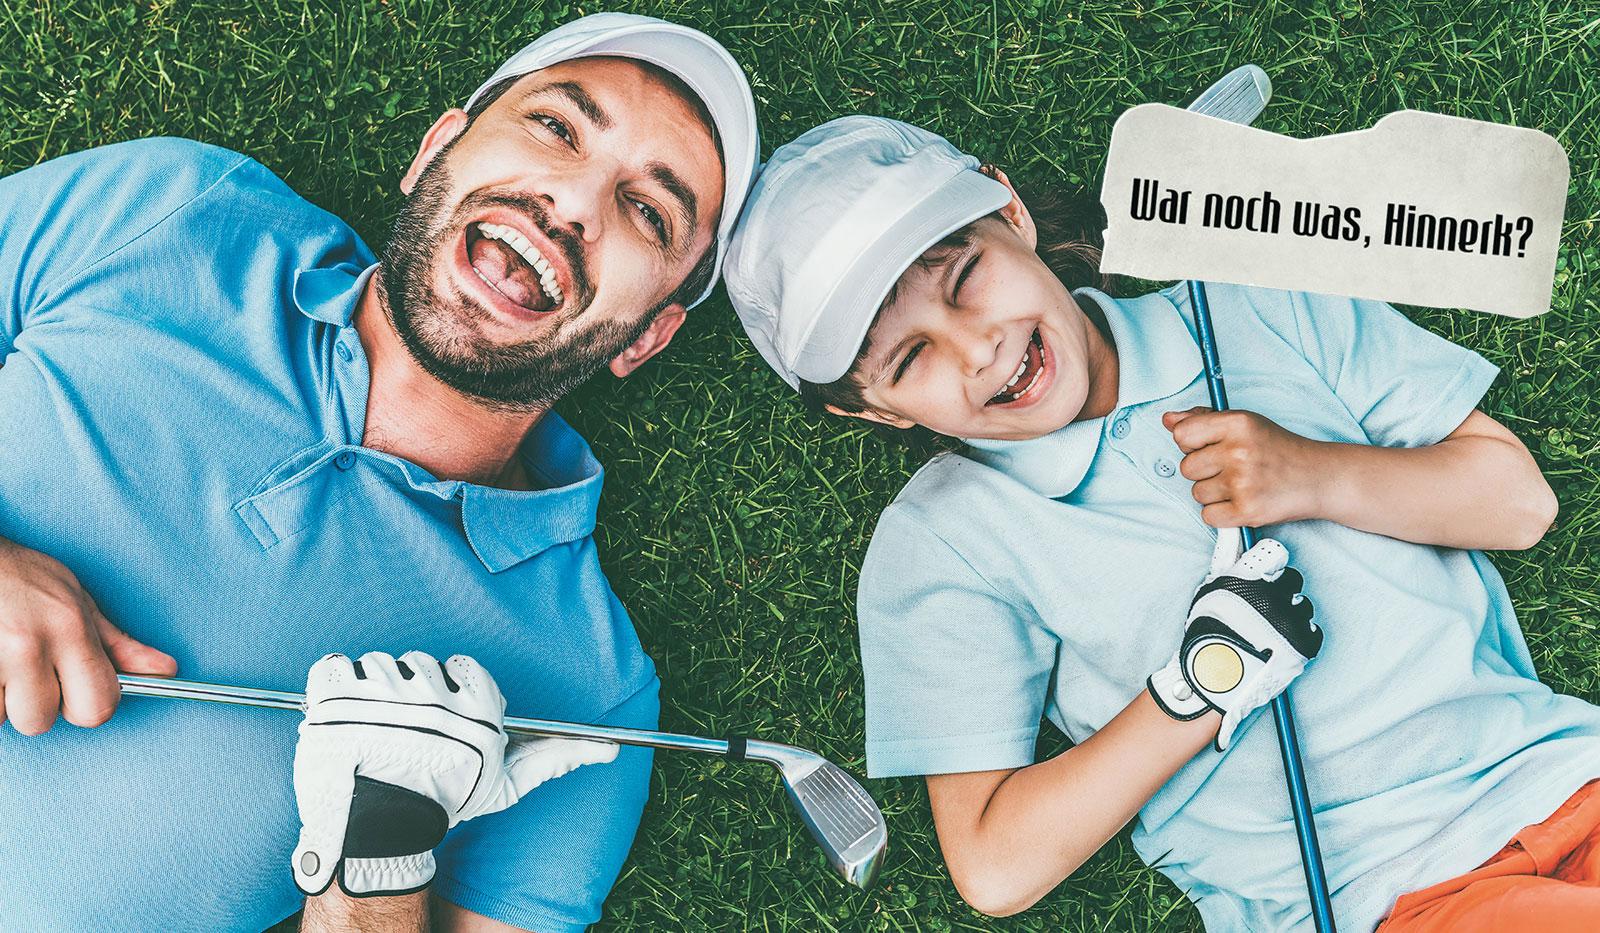 Vater und Sohn in Golfbekleidung